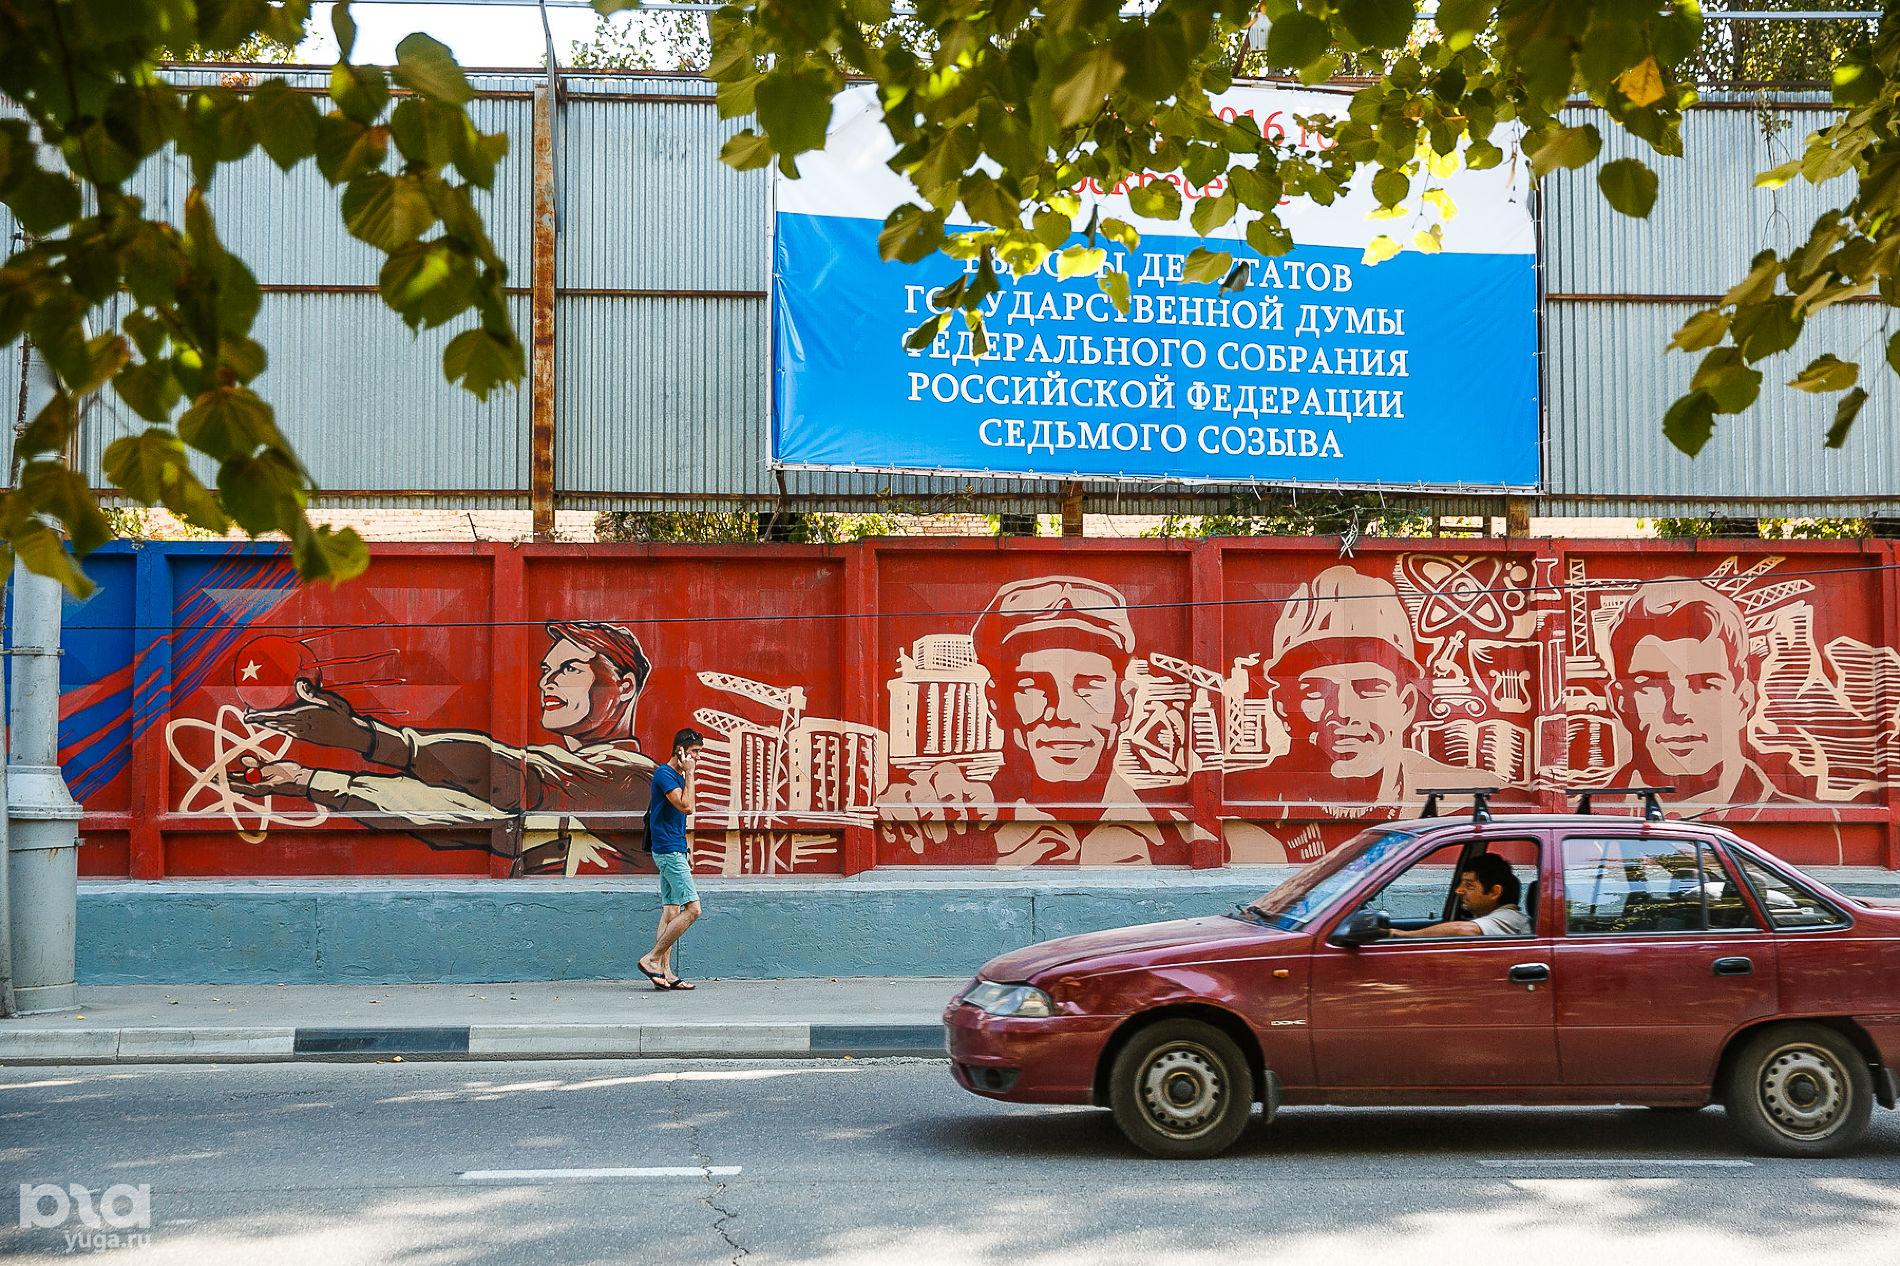 Тот самый забор. На граффити отображены вехи истории нашей страны: победа в Великой Отечественной войне, всесоюзная стройка, освоение космоса и т.д. ©Фото Михаила Чекалова, Юга.ру